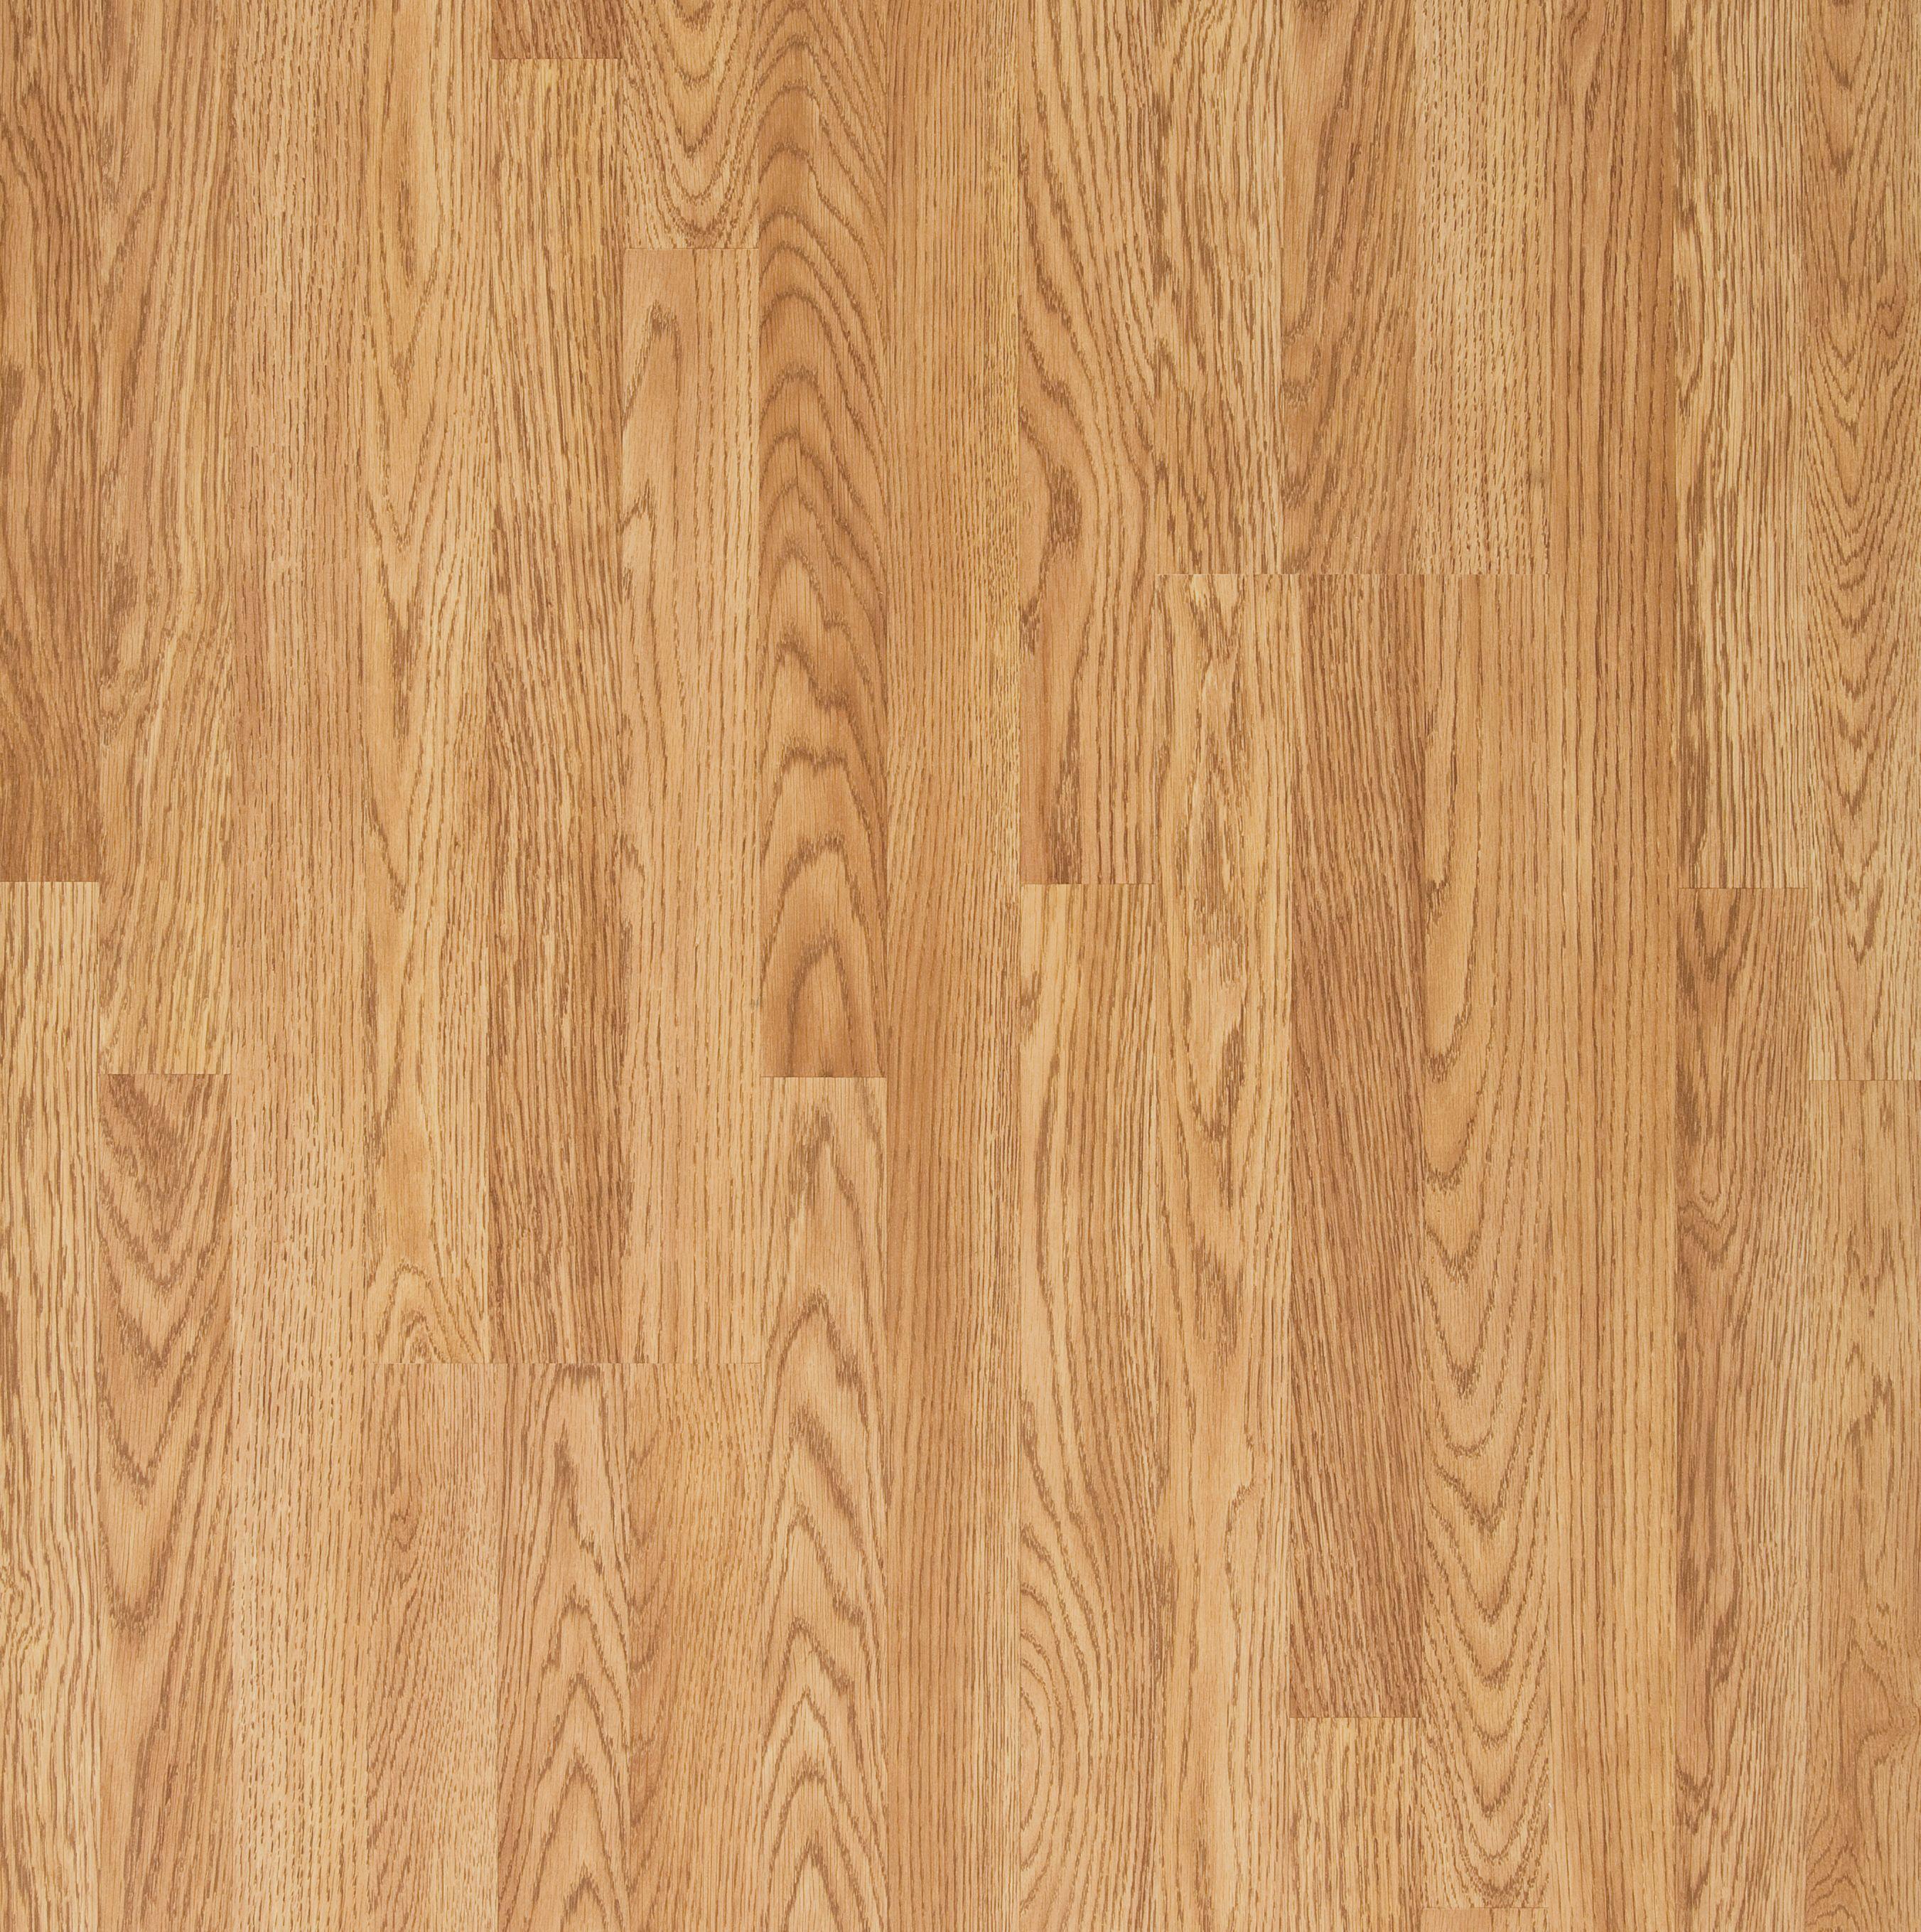 Royal Oak Pergo Xp Laminate Flooring